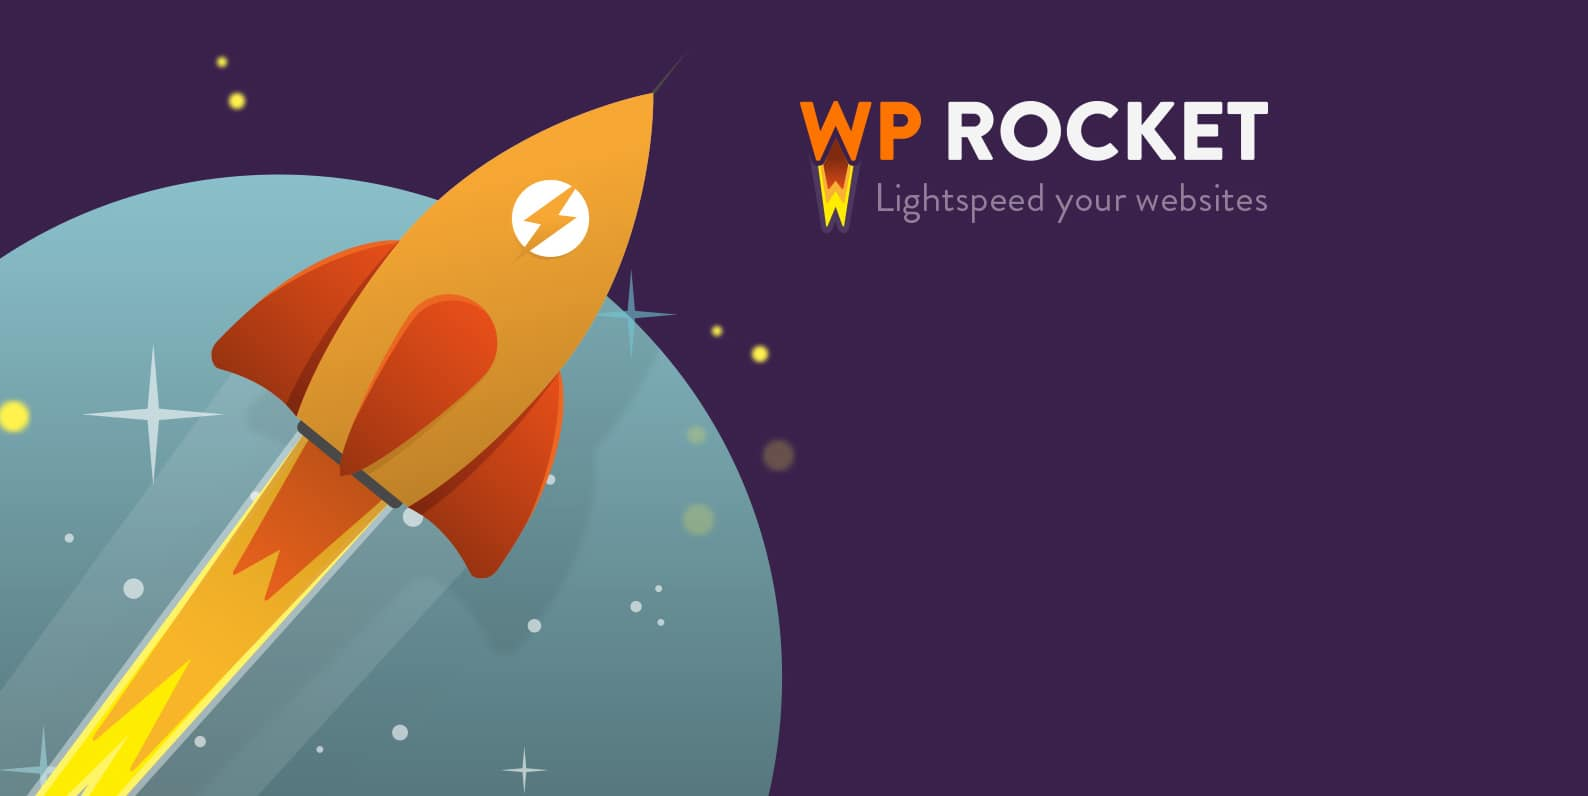 「WP插件」 加速插件 WP Rocket v3.4.0.3 专业版+破解+中文汉化 【已更新】 WP资源更新记录 第1张